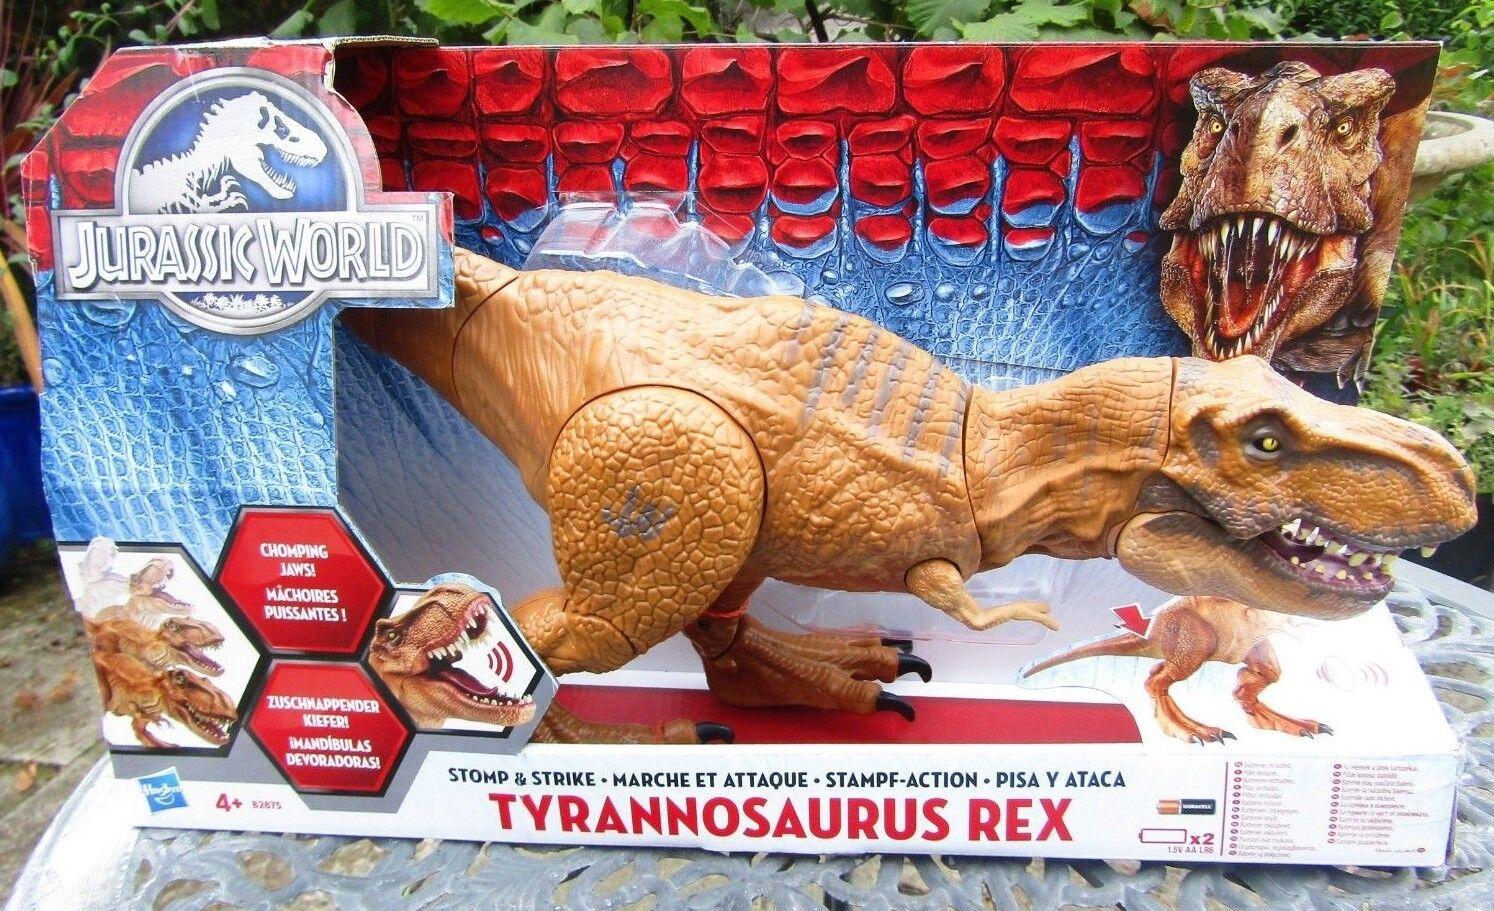 GRANDE HASBRO JURASSIC WORLD Tyrannosaurus Rex-Nuovo in Scatola